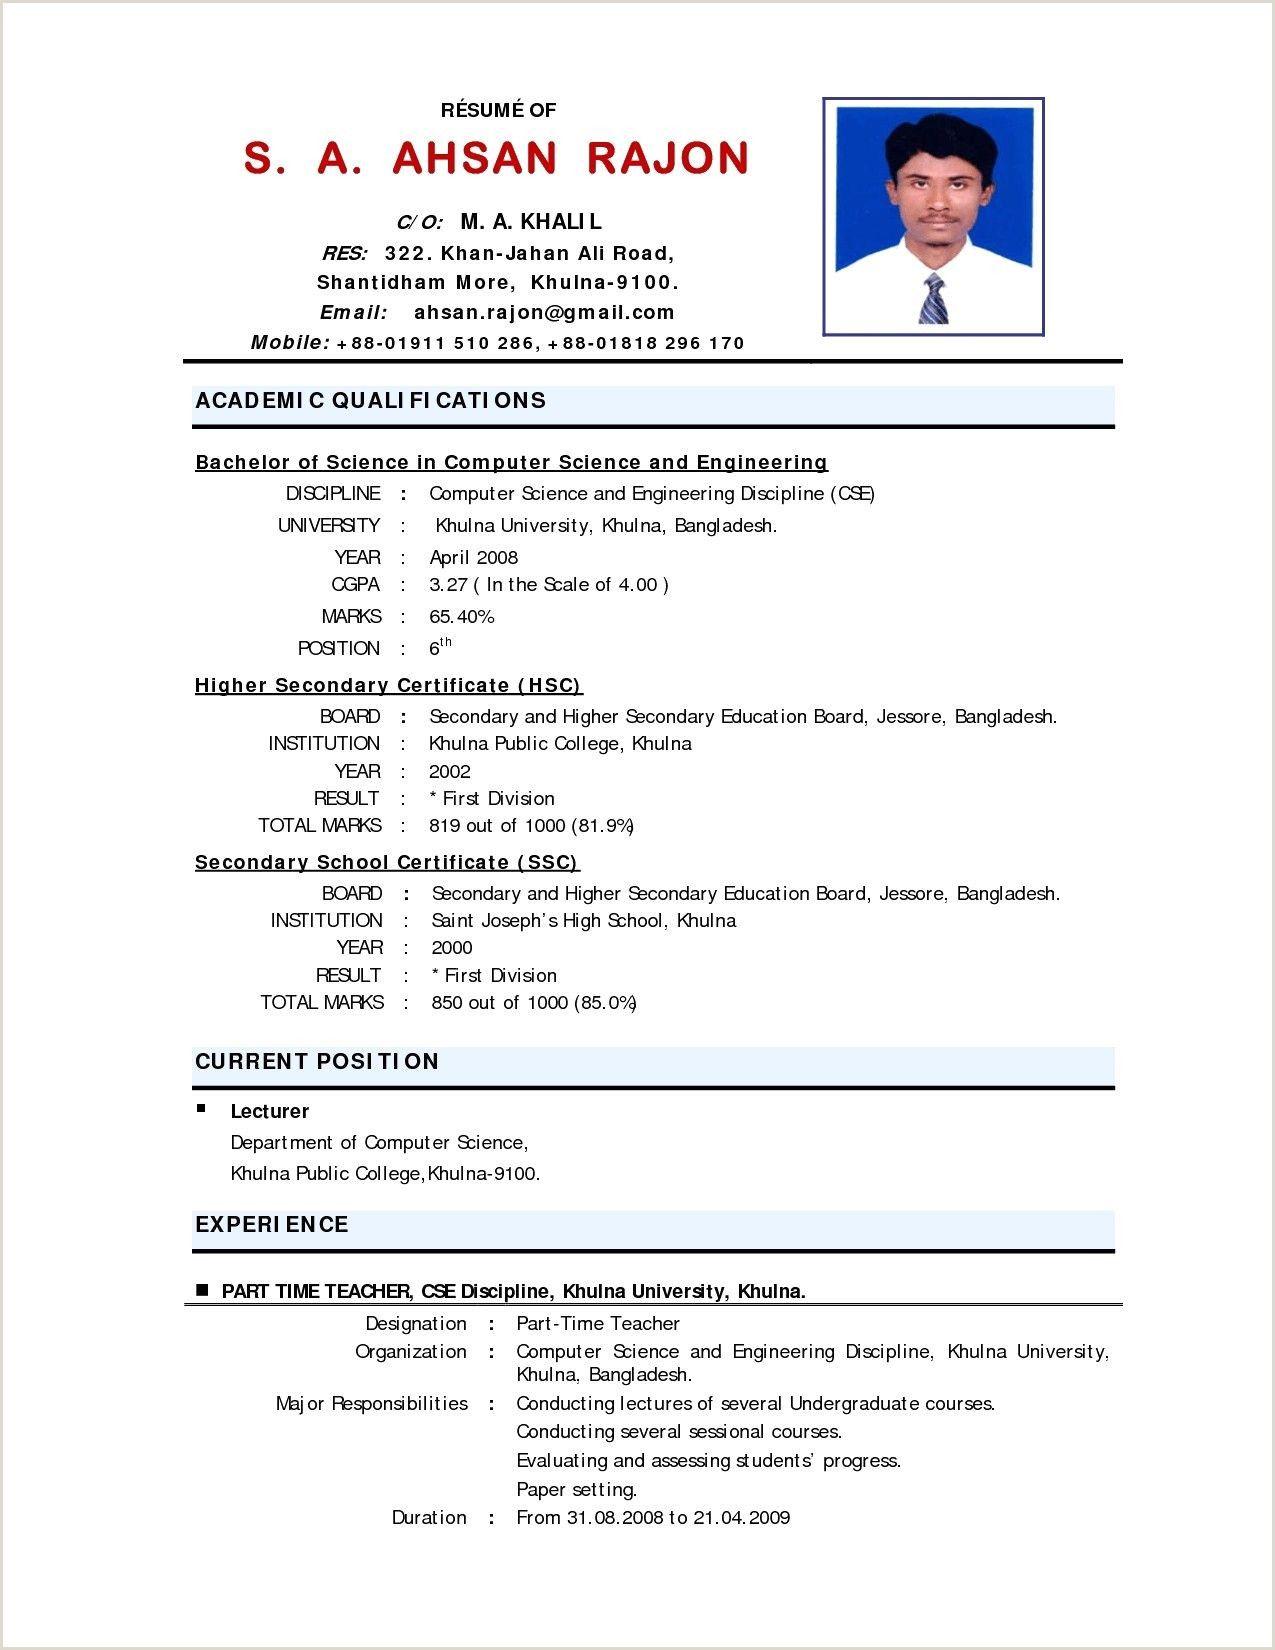 bba student resume samples for bba freshers  best resume